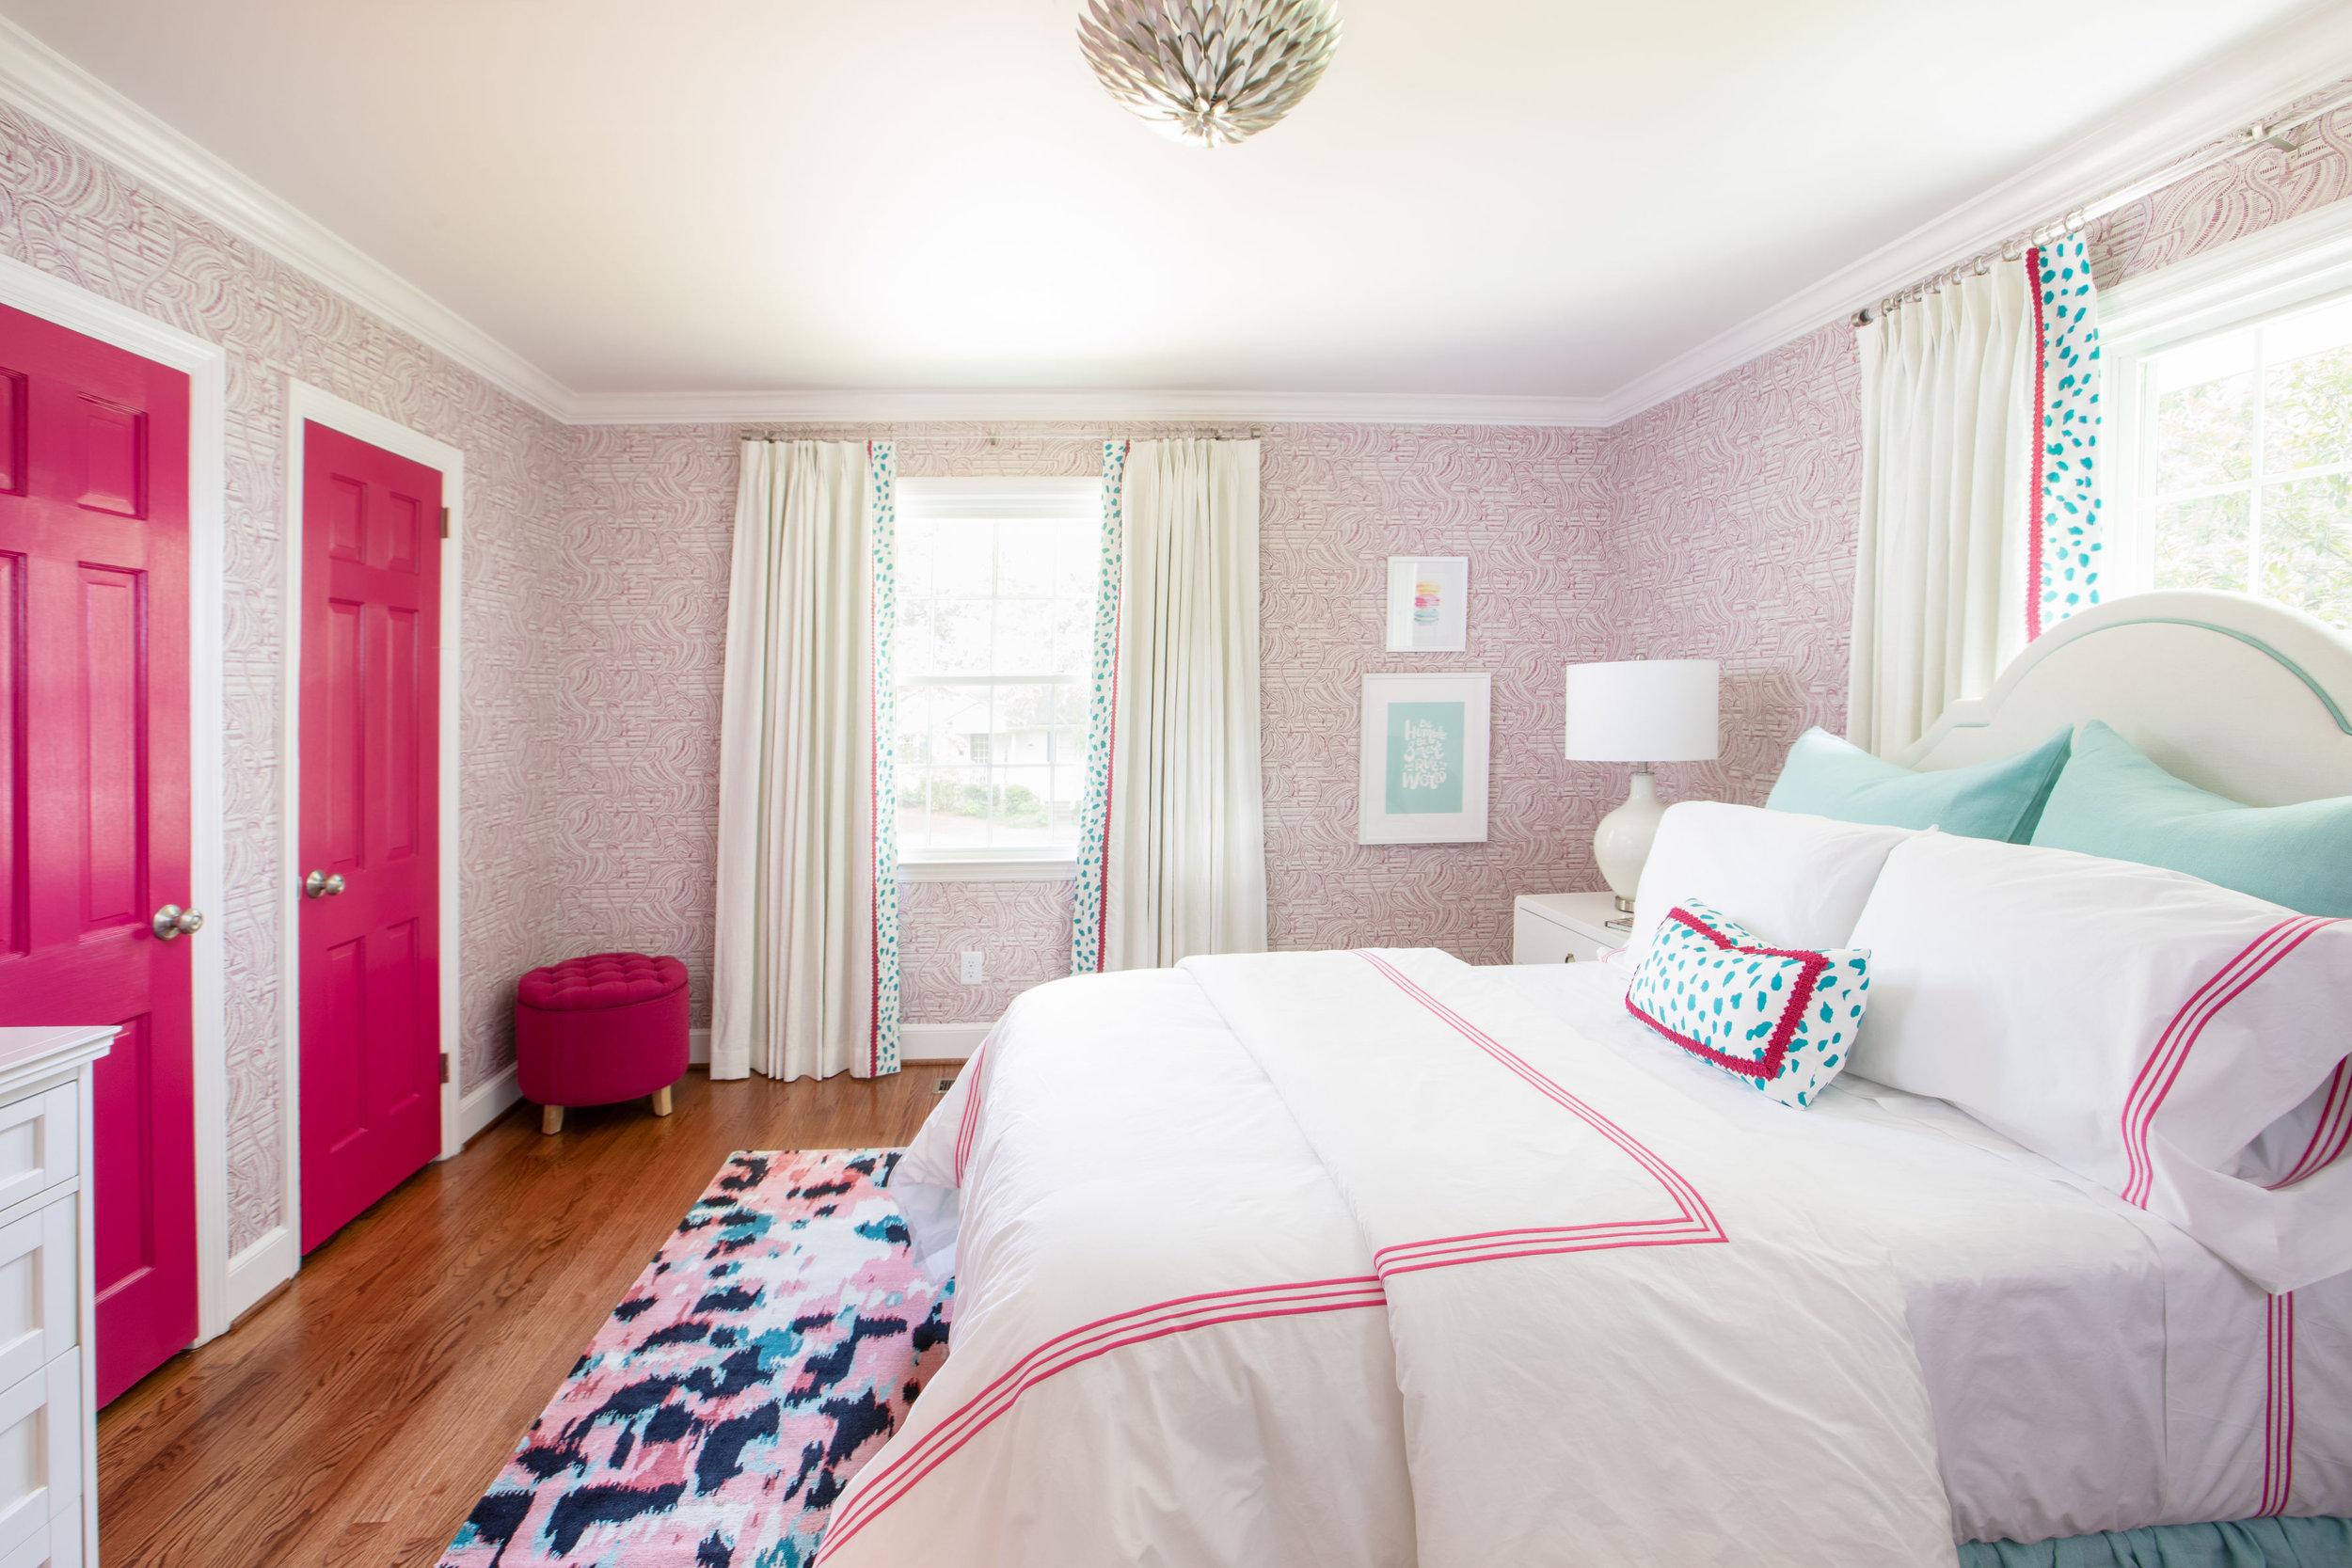 InteriorDesign_oneroomchallange_pinkroom-5.jpg